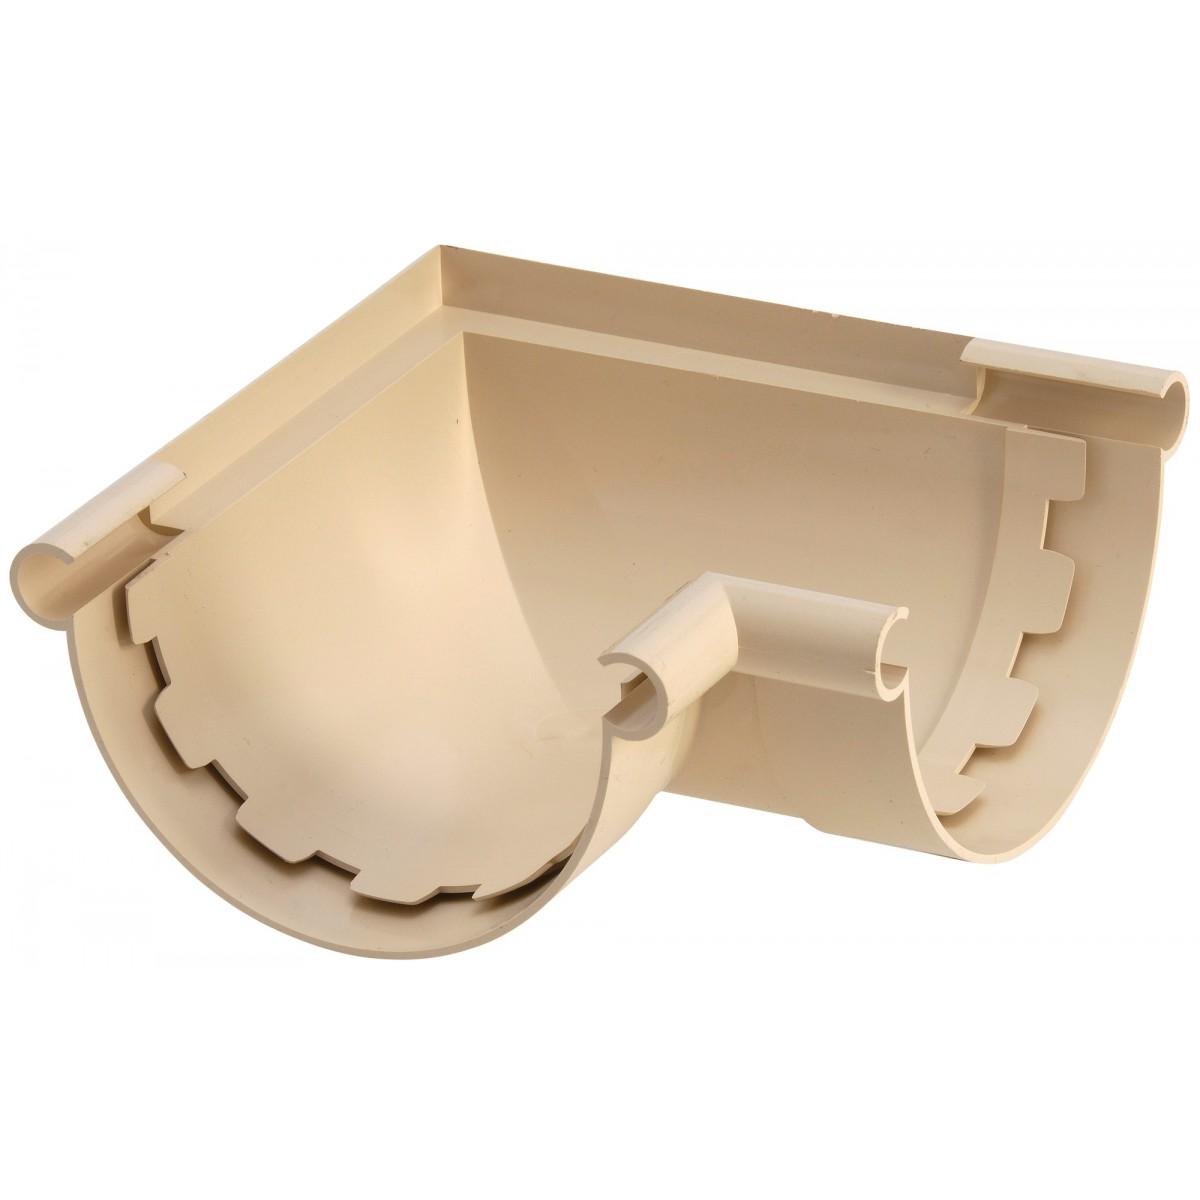 Angle intérieur extérieur - Angle mixte Girpi - Diamètre 25 mm - Sable